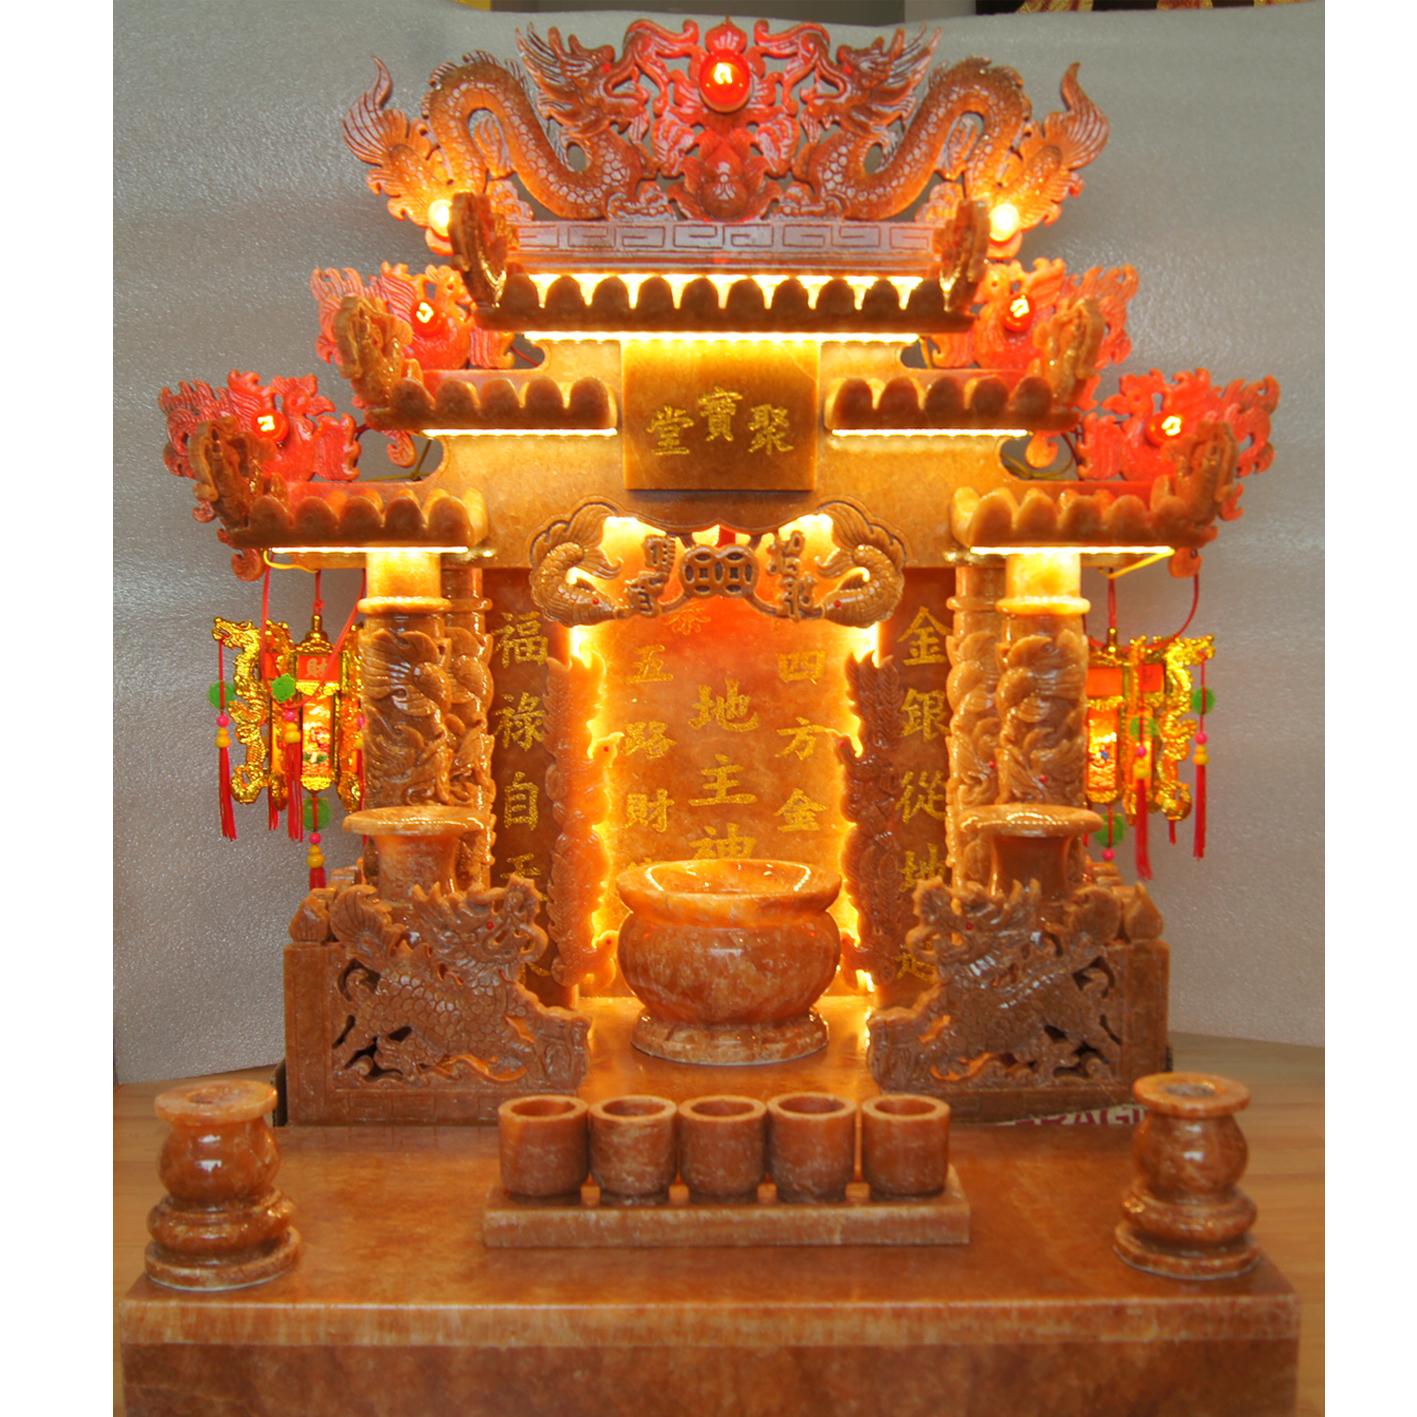 ศาลเจ้าที่หินอ่อน (ตี่จู้หินอ่อน ตี่จู้เอี๊ยะ) ขนาด 24 นิ้ว 888 หินอ่อน หยกน้ำผึ้งแก้วเข้ม